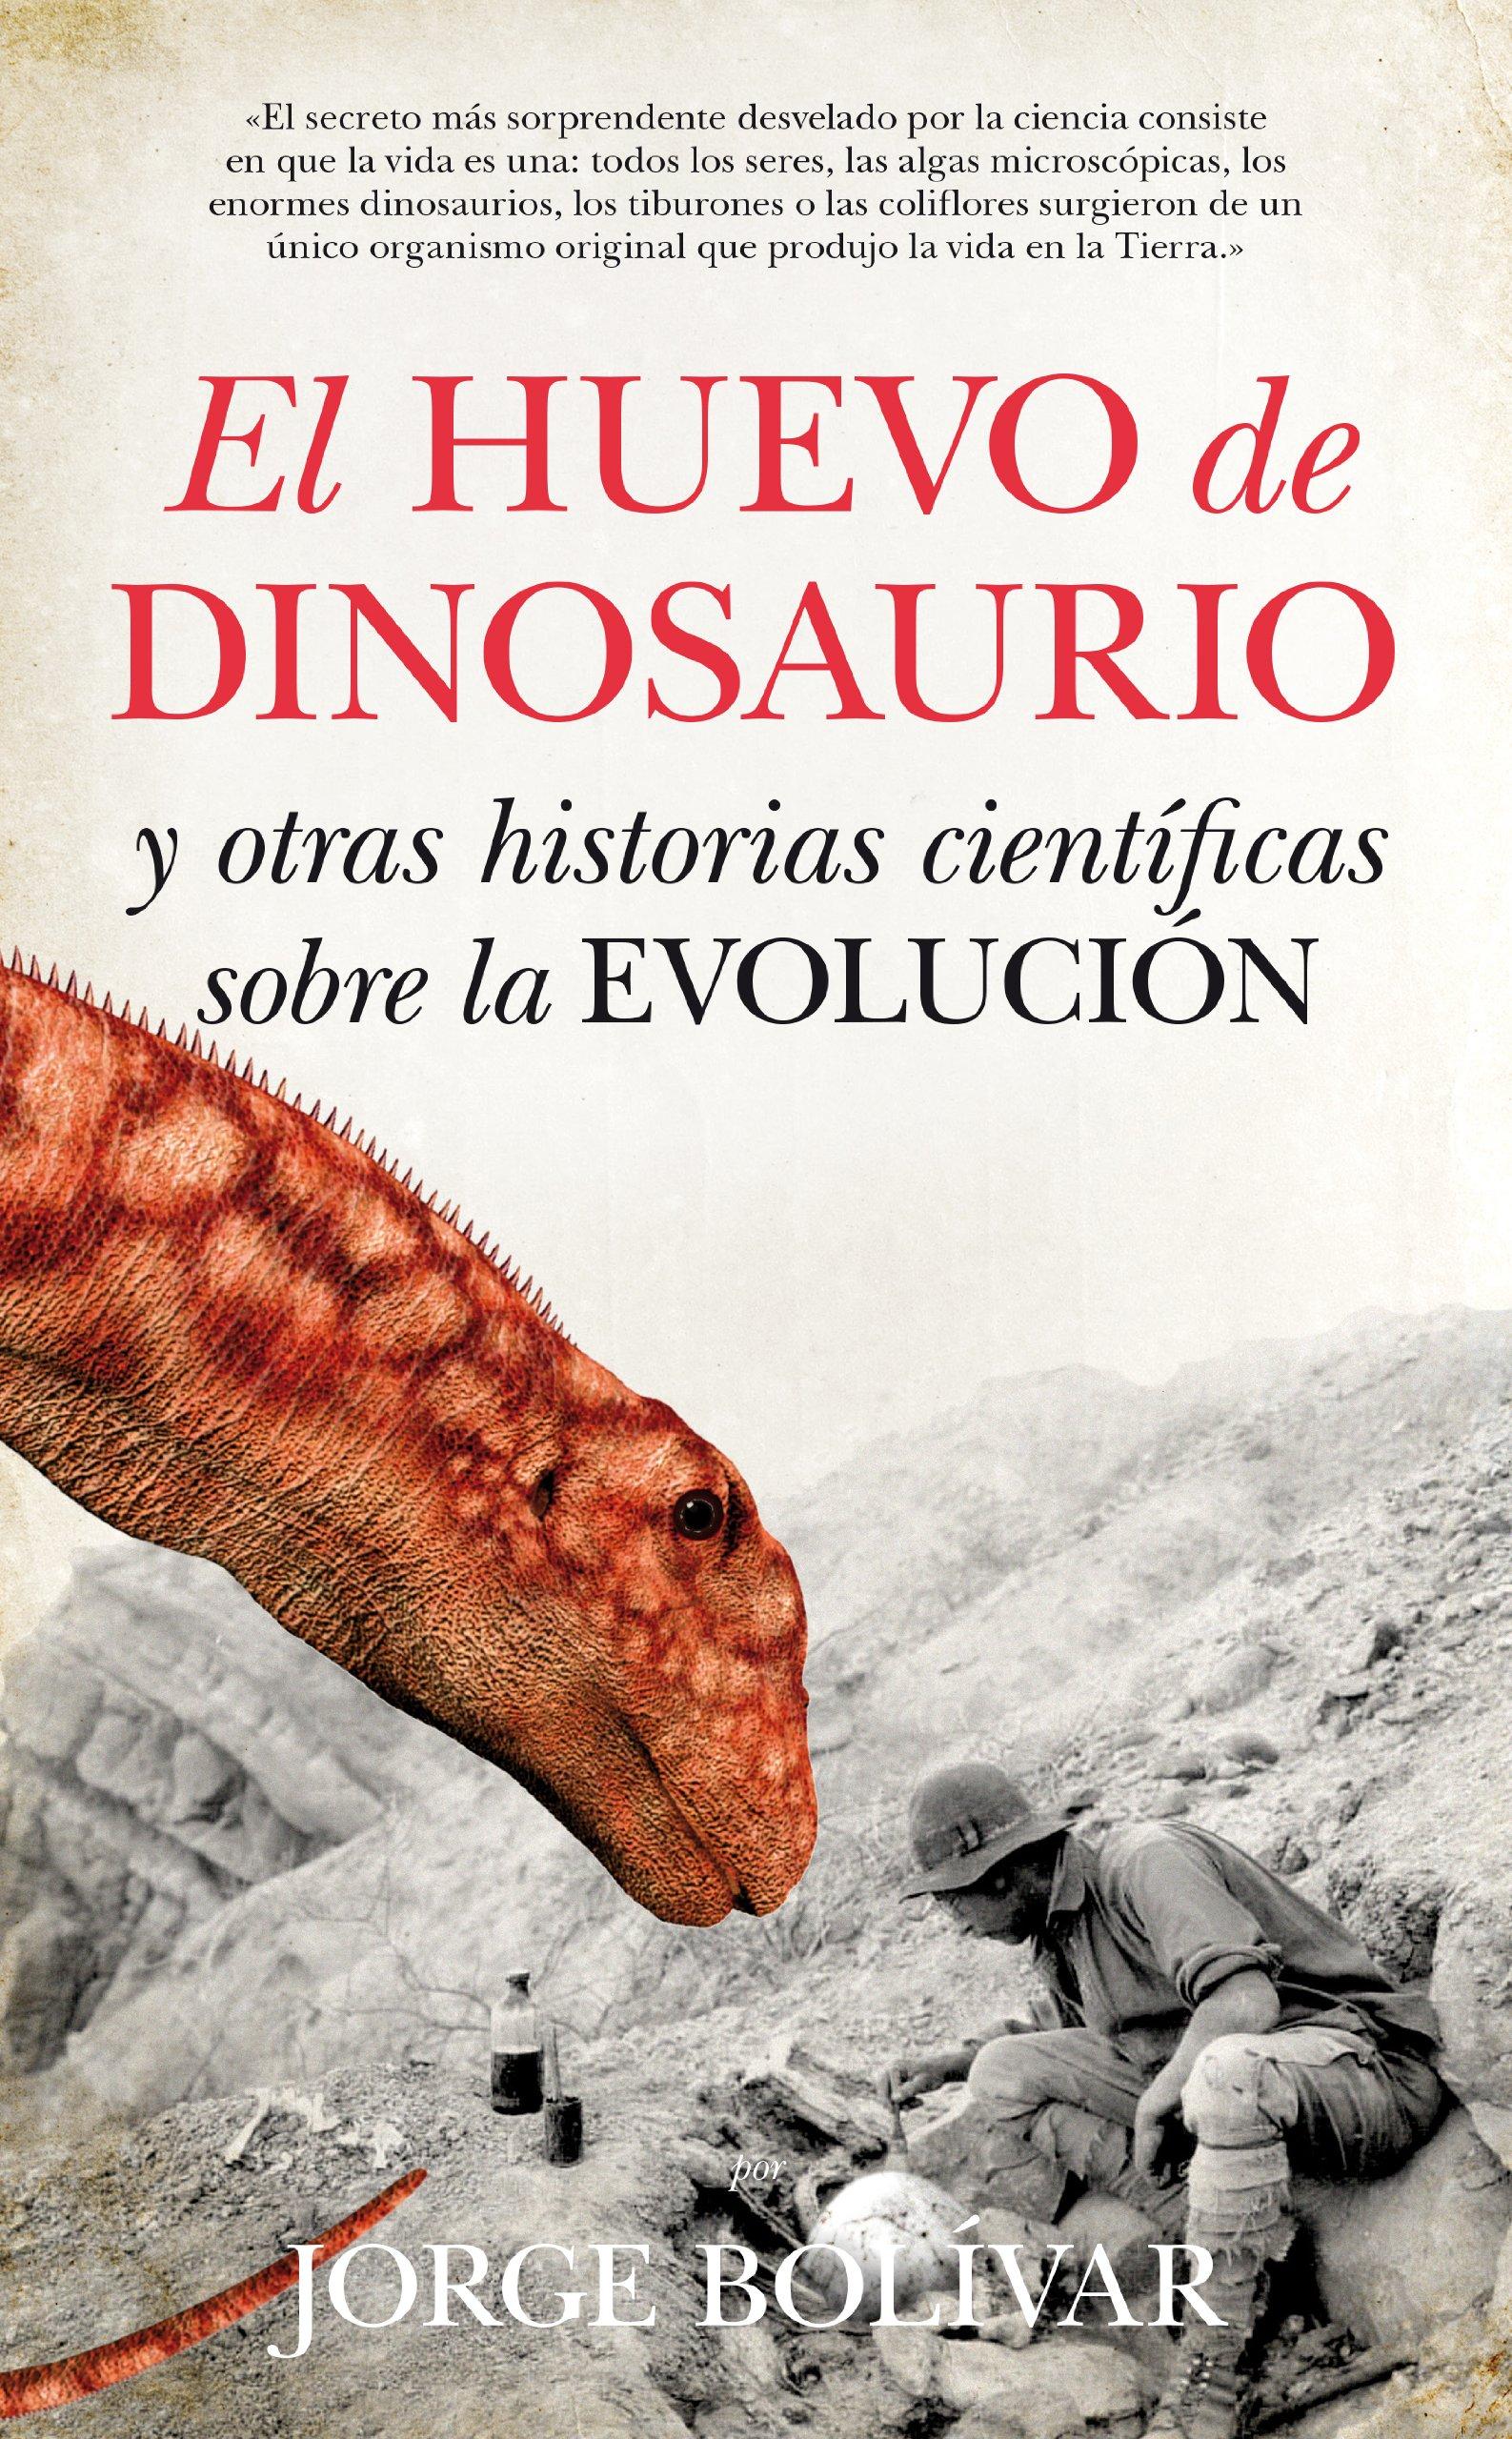 El Huevo Del Dinosaurio (Divulgación científica): Amazon.es: Jorge Bolivar: Libros